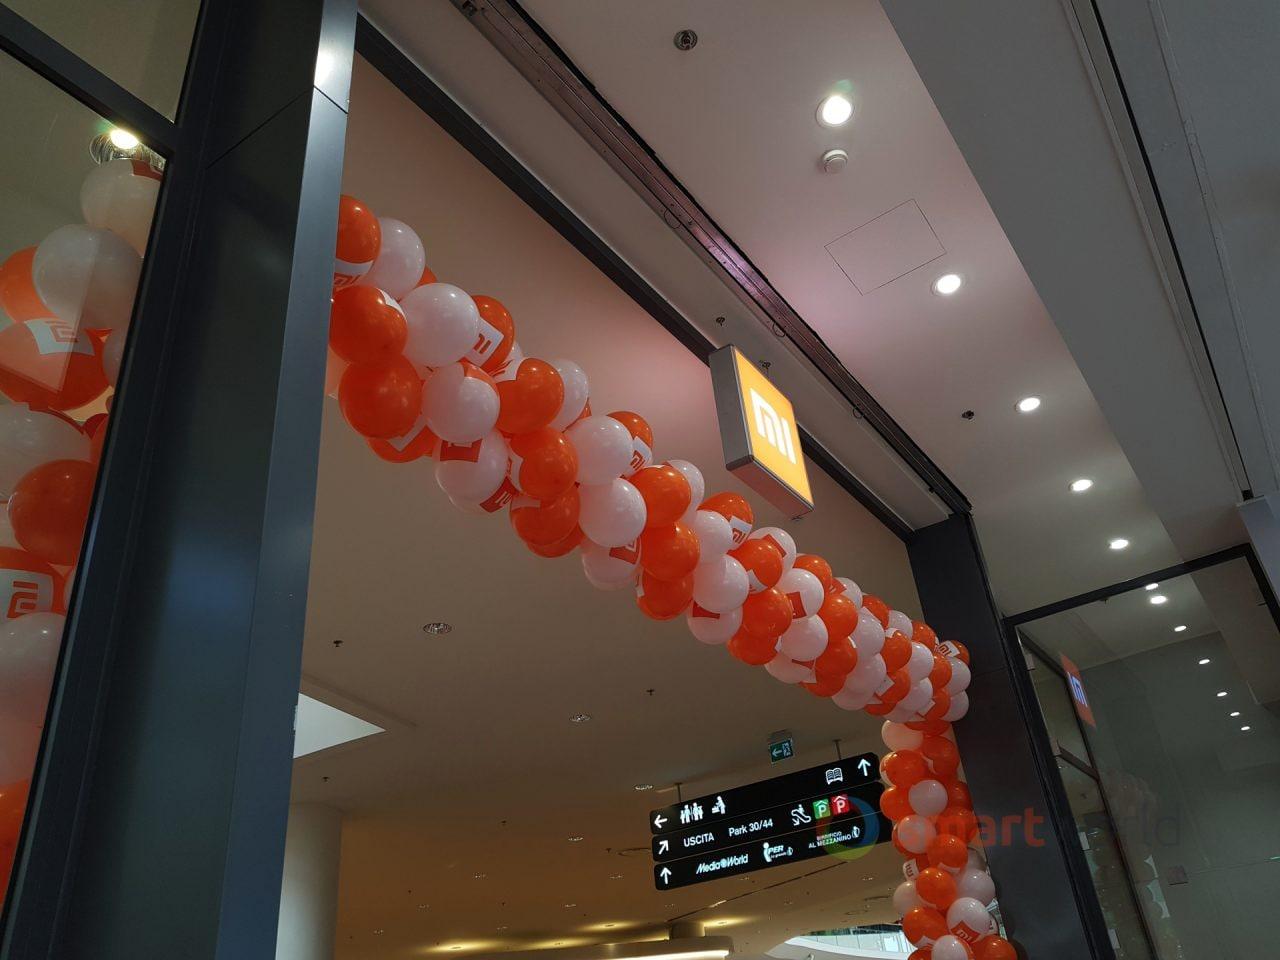 Il secondo Mi Store in Italia ha aperto quest'oggi (foto)